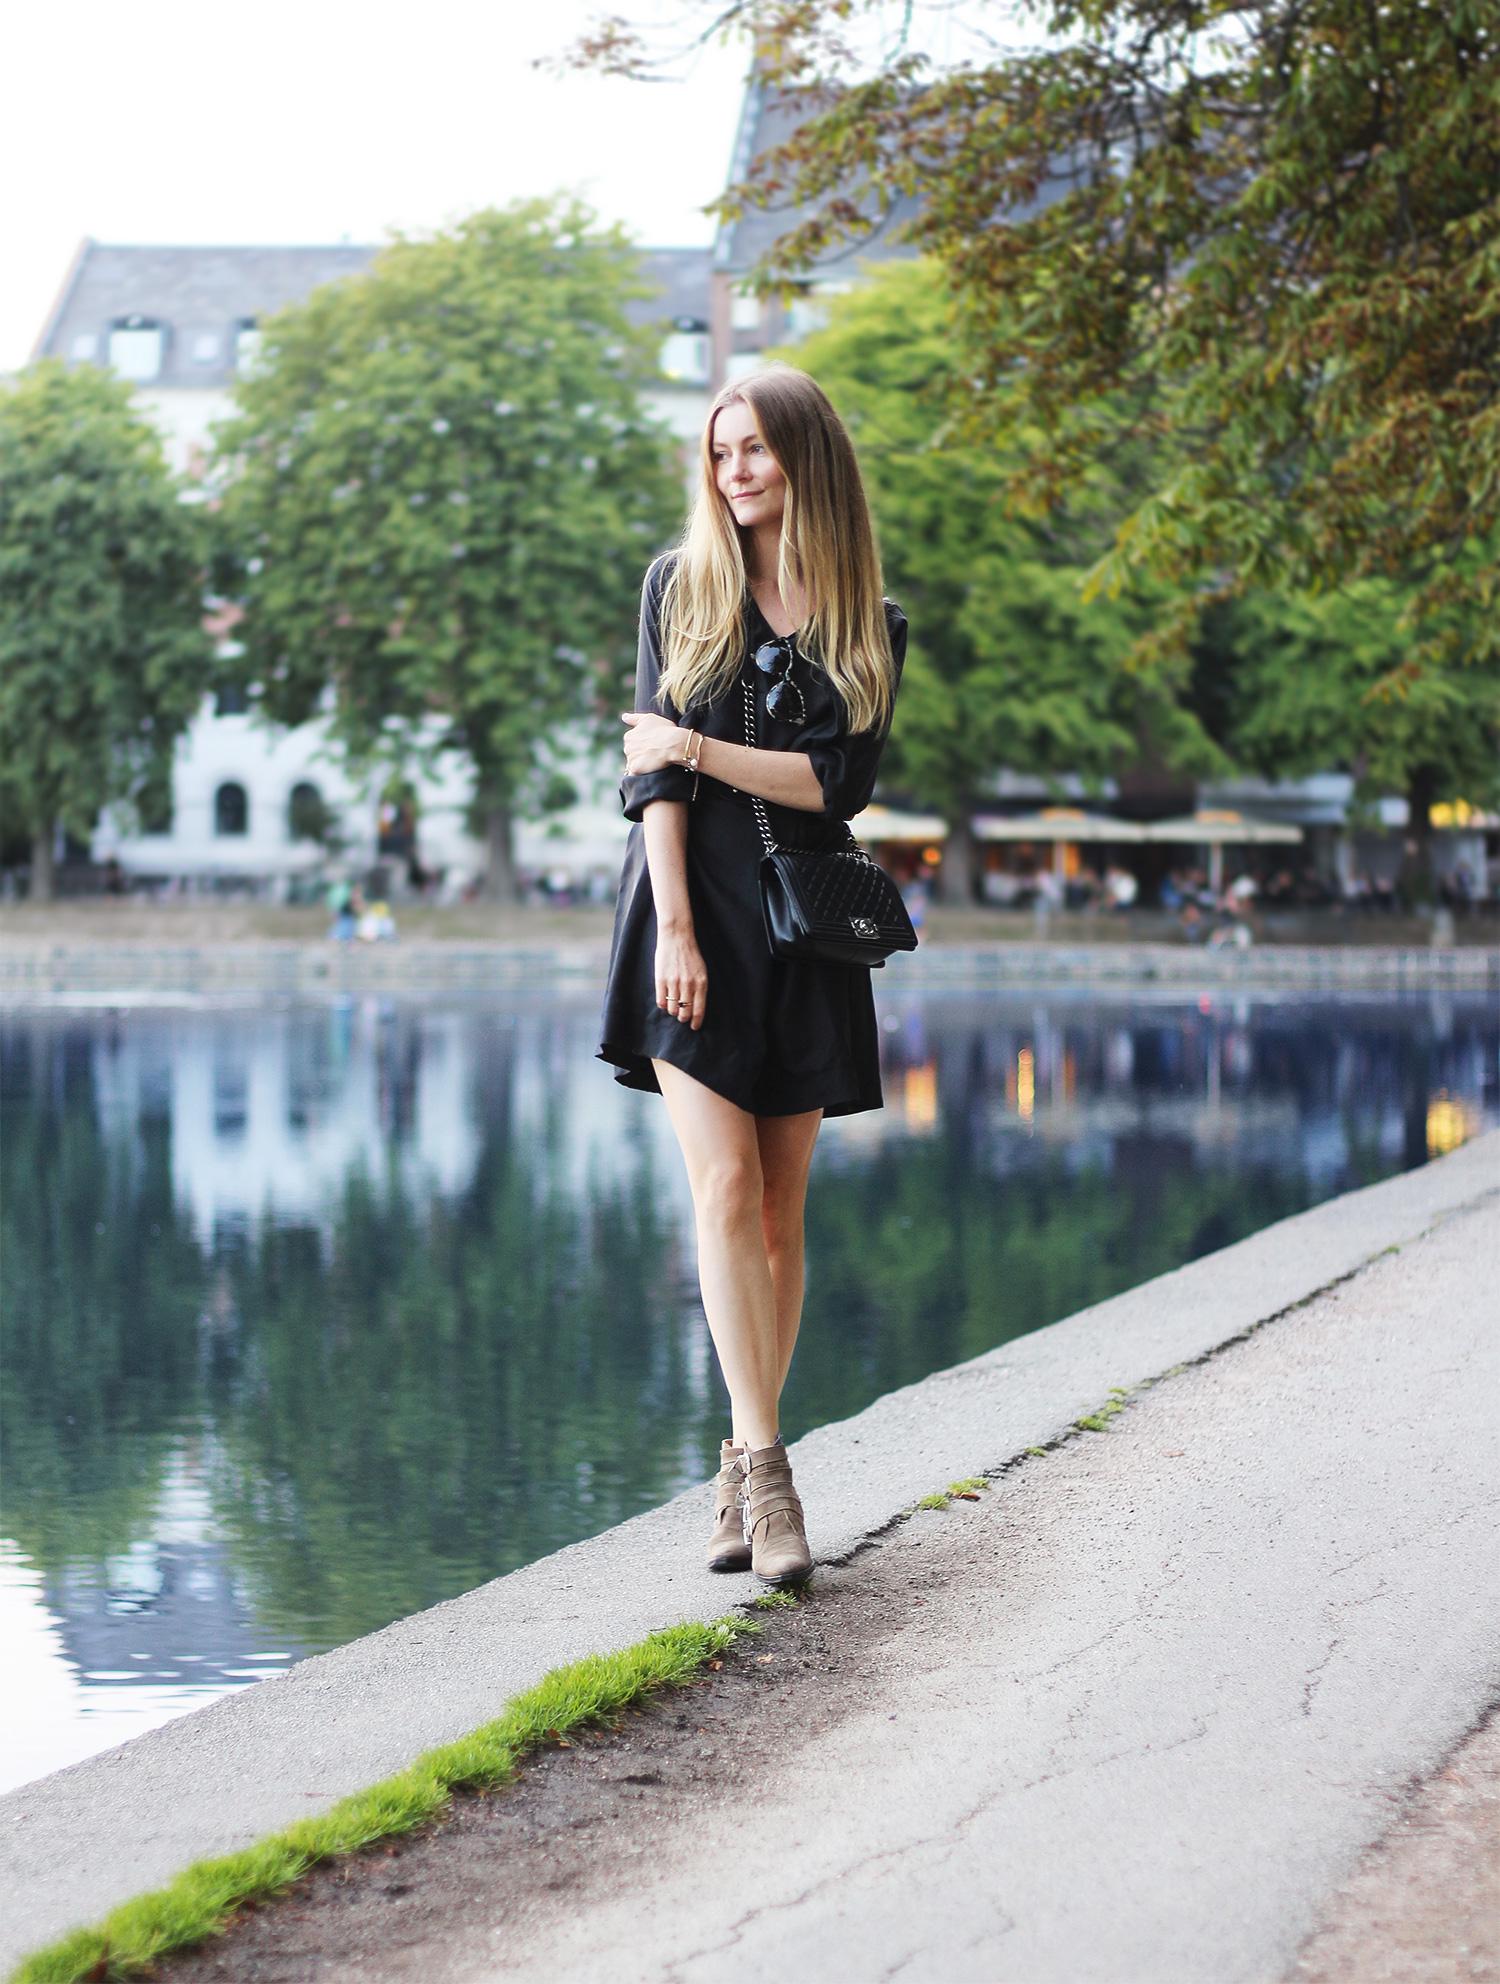 black-dress@2x